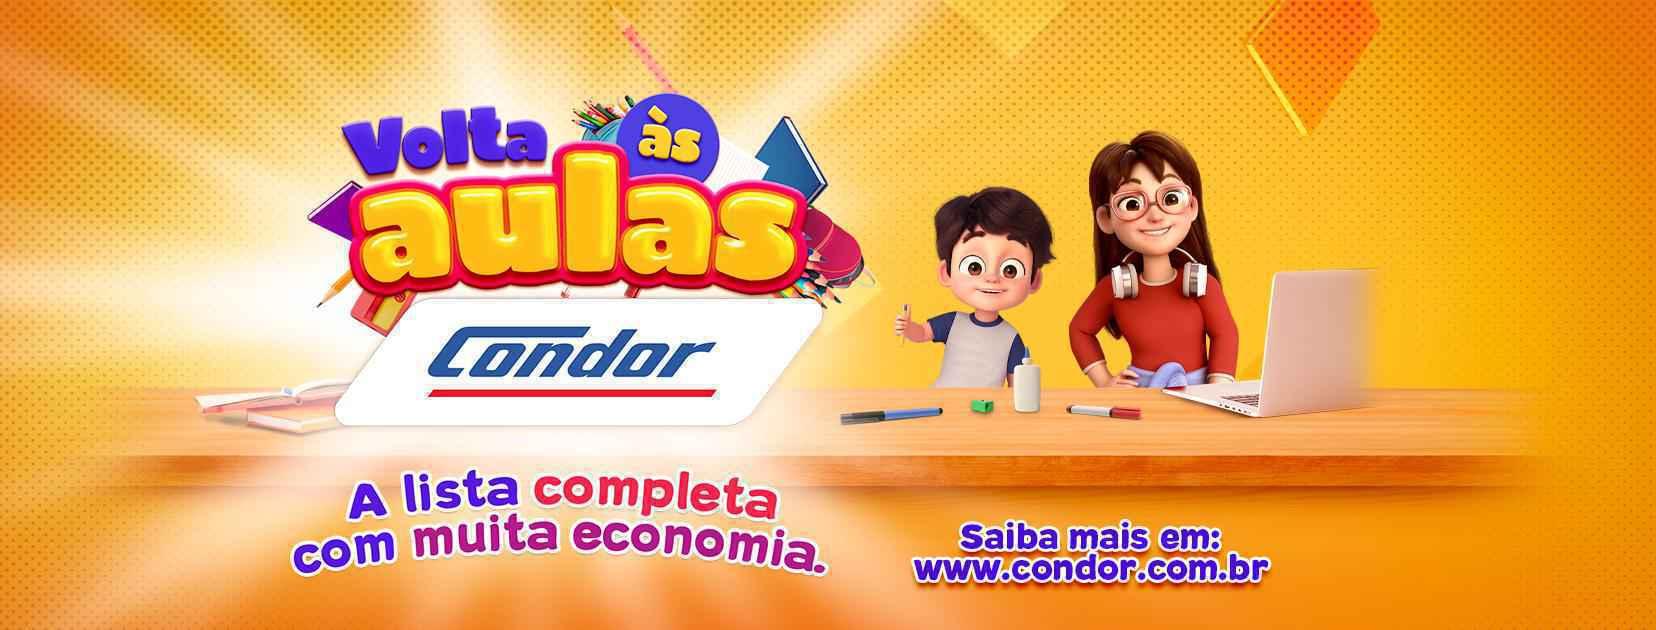 Condor inicia campanha de Volta às Aulas